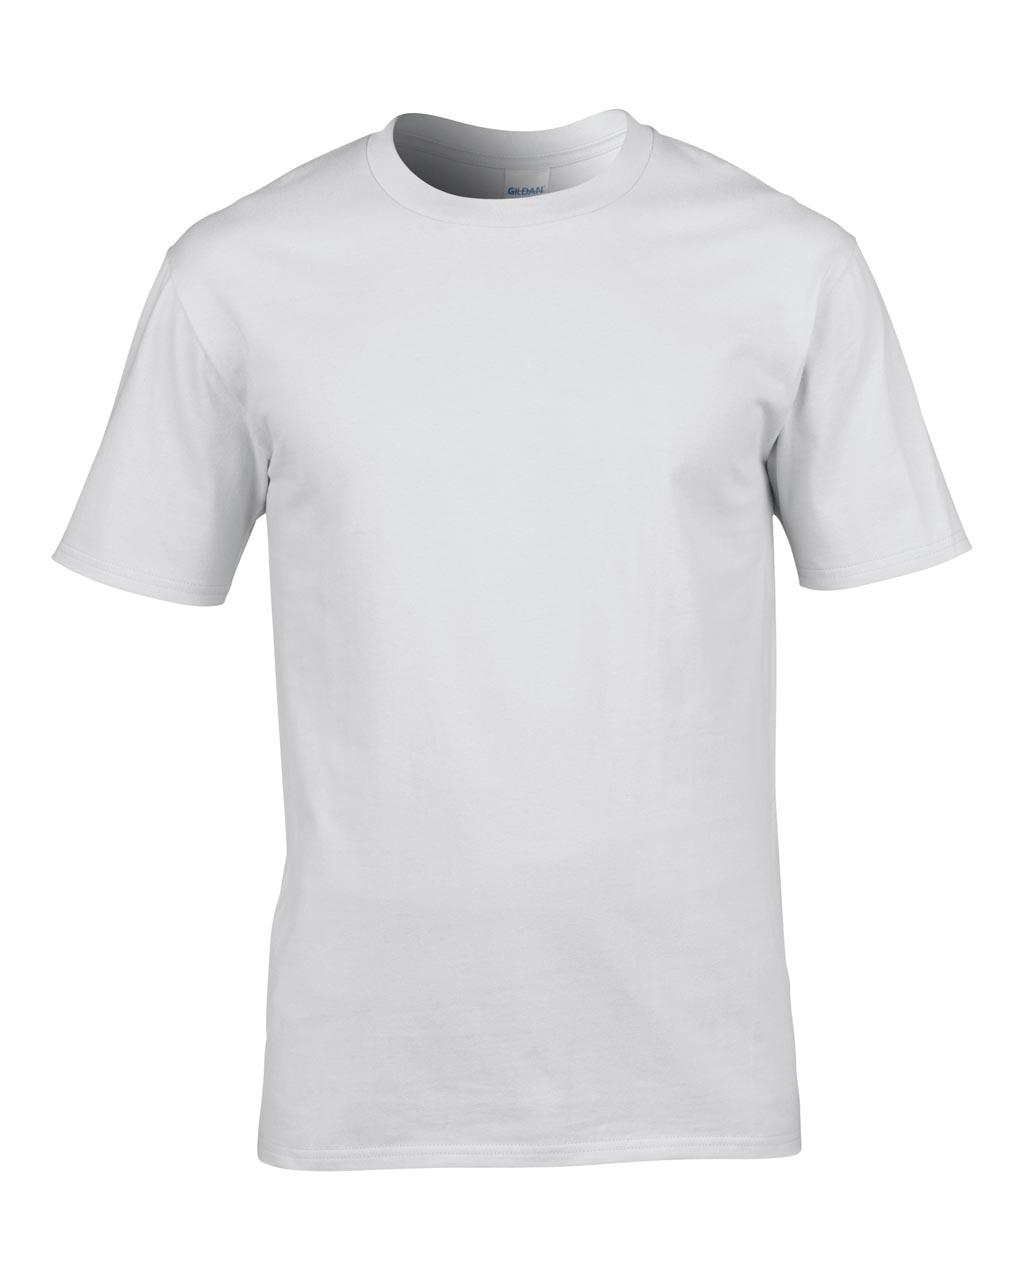 Футболка унисекс Premium Cotton Adult